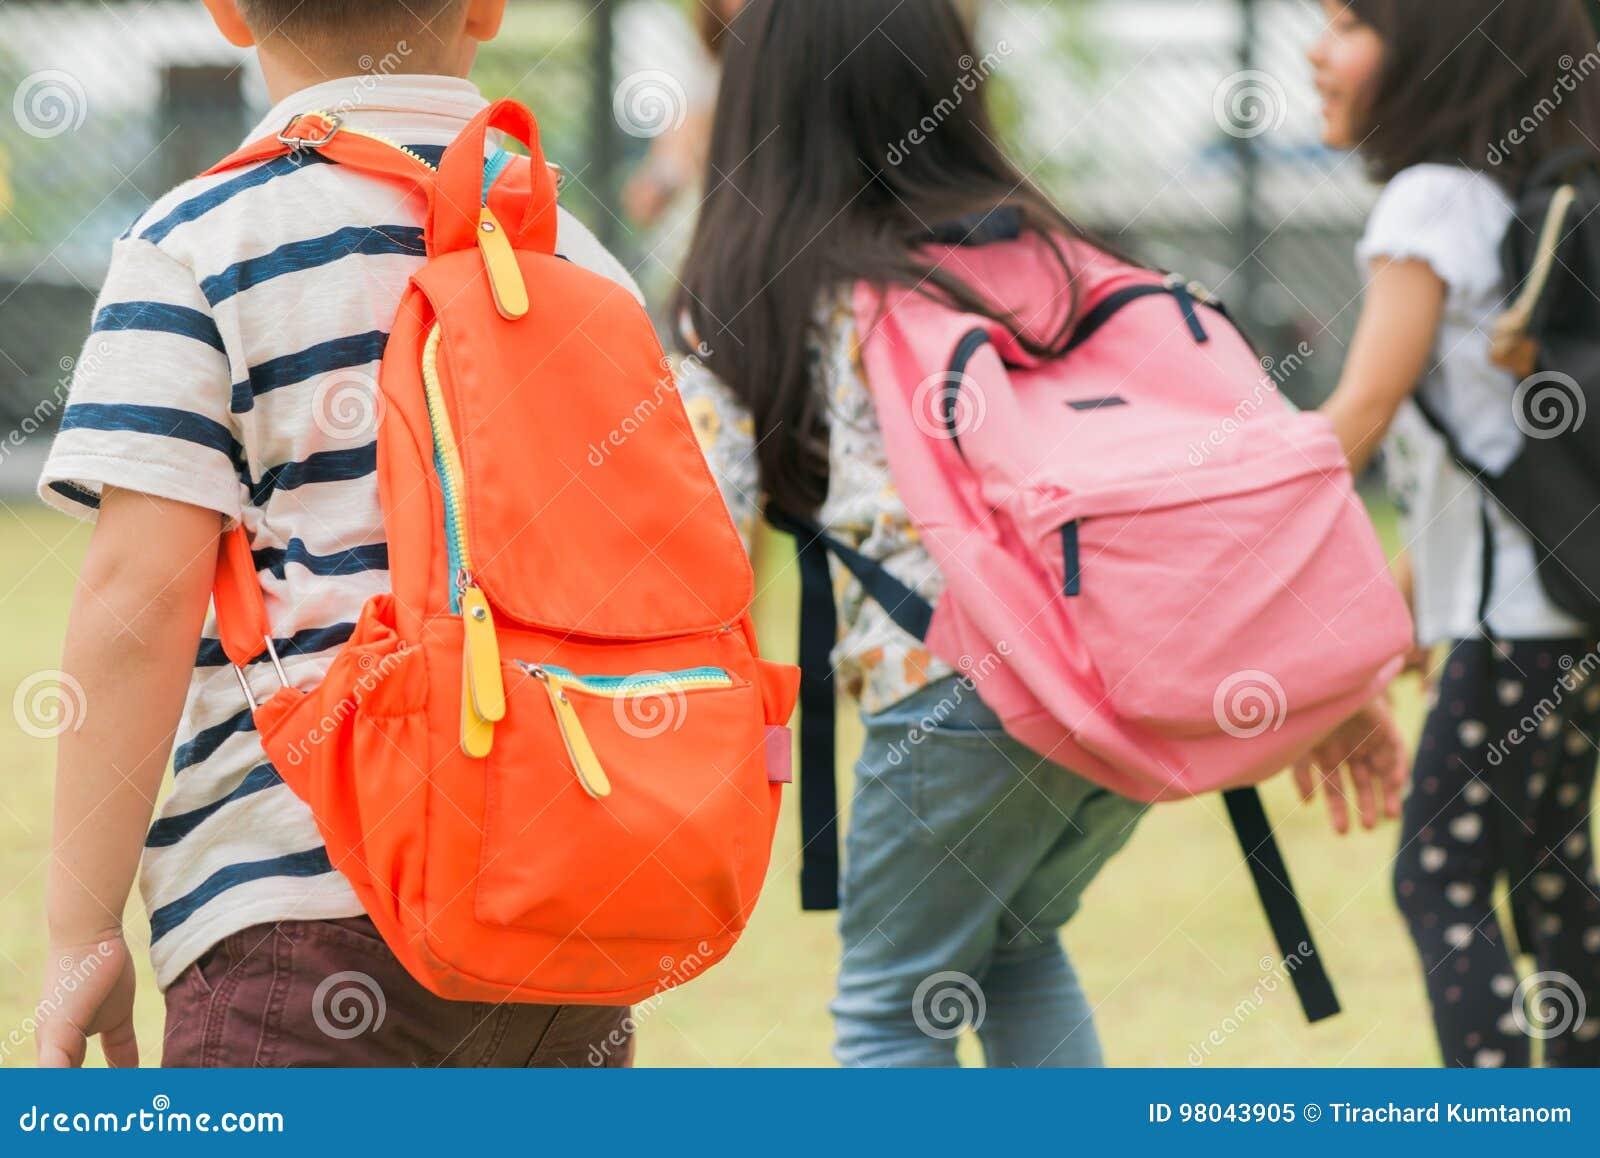 Tre allievi della scuola primaria vanno di pari passo Ragazzo e ragazza con le borse di scuola dietro la parte posteriore Inizio